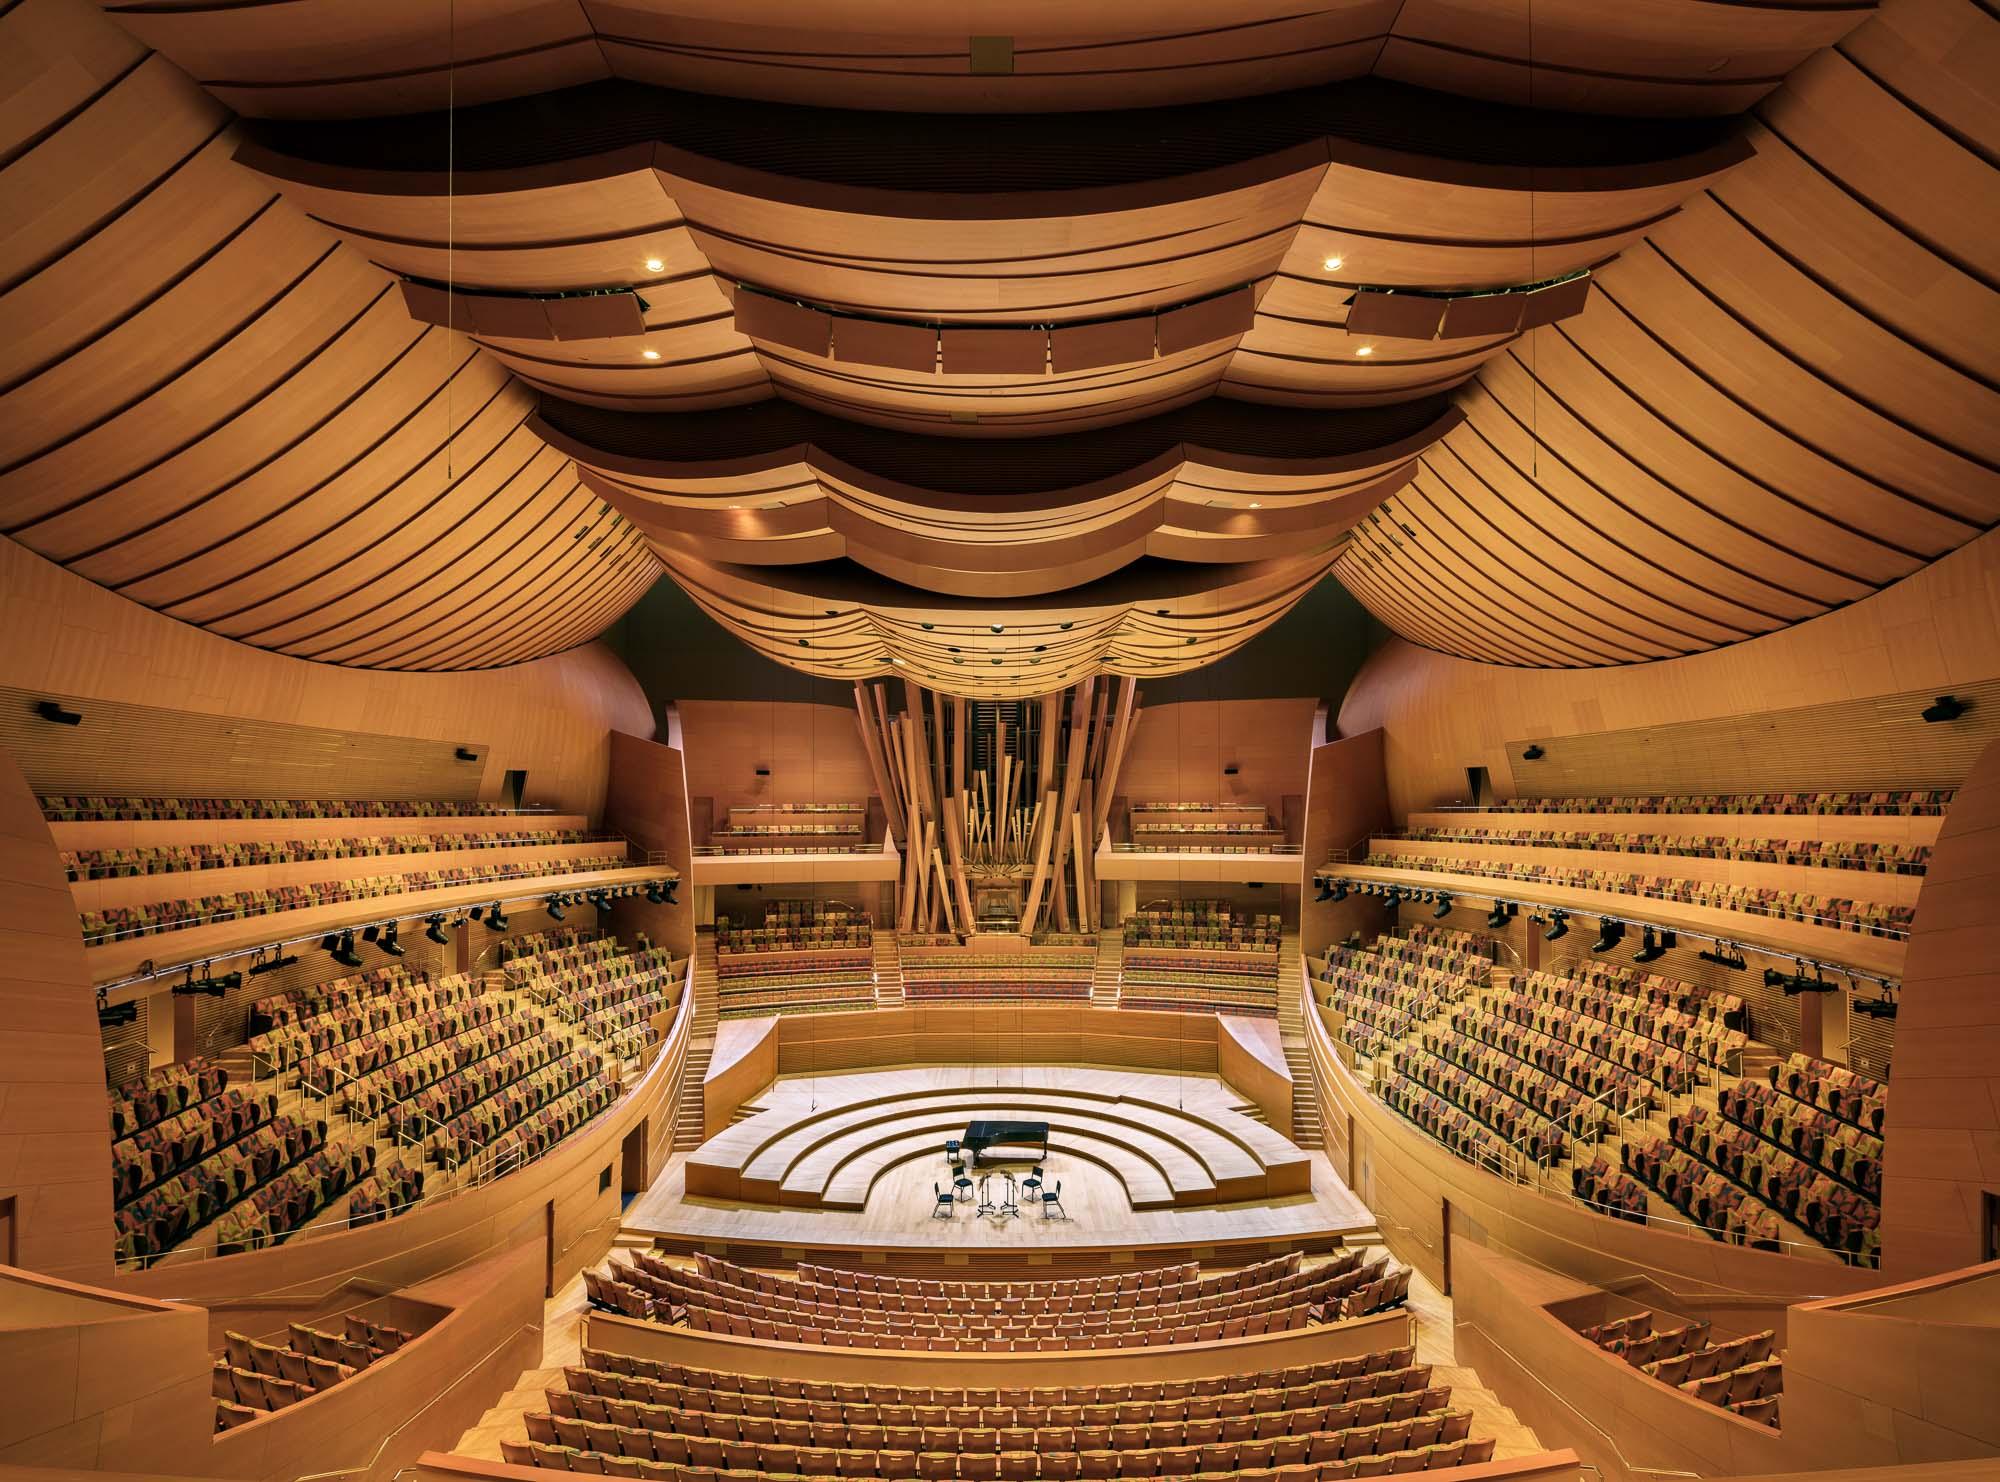 walt-disney-concert-hall-mike-kelley-2.jpg